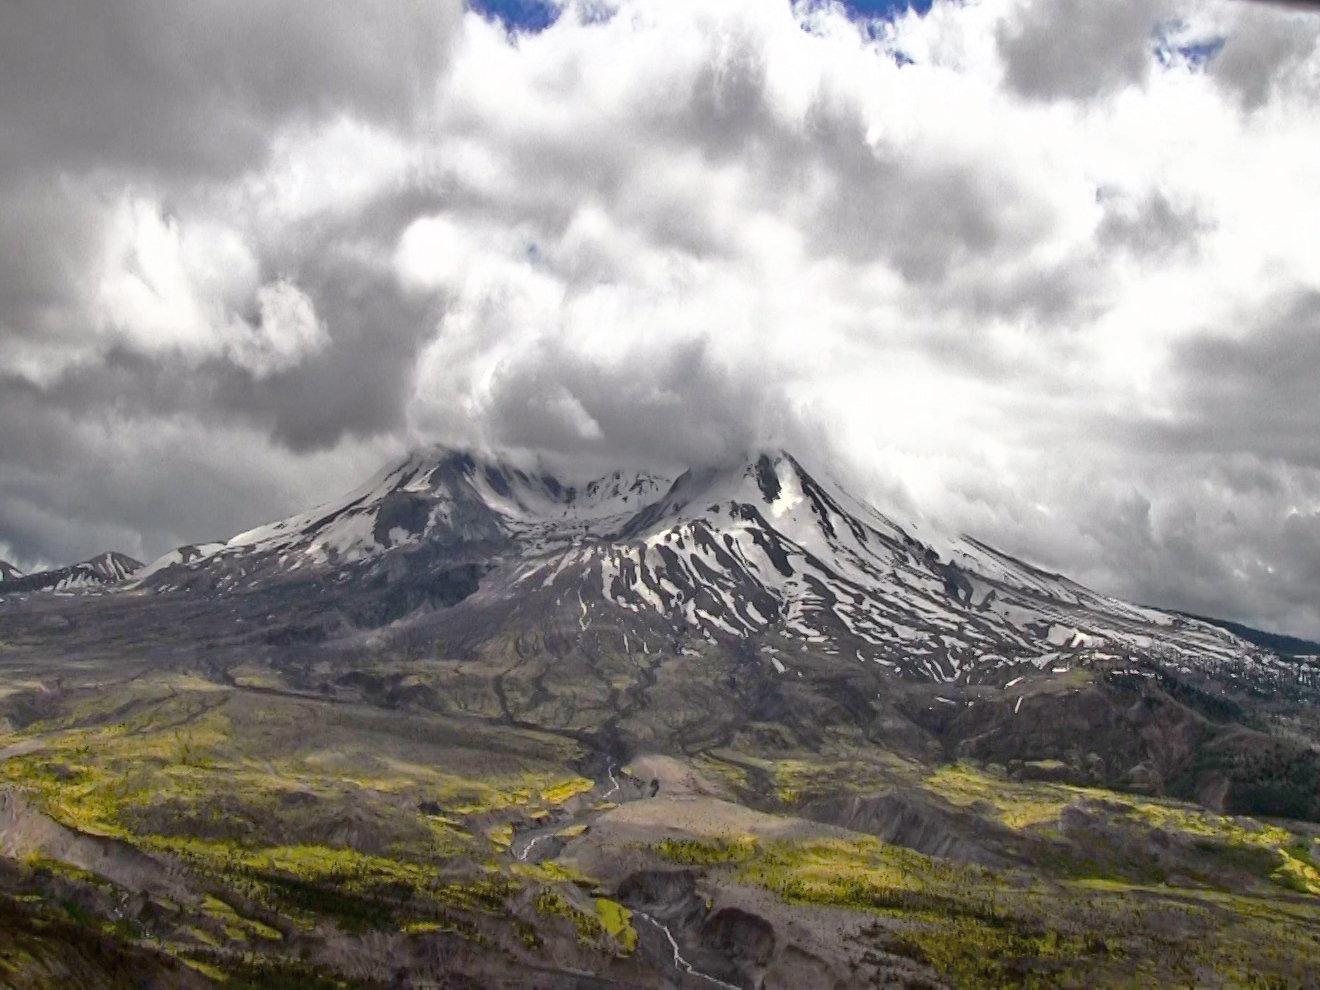 Mount St. Helens post eruption.